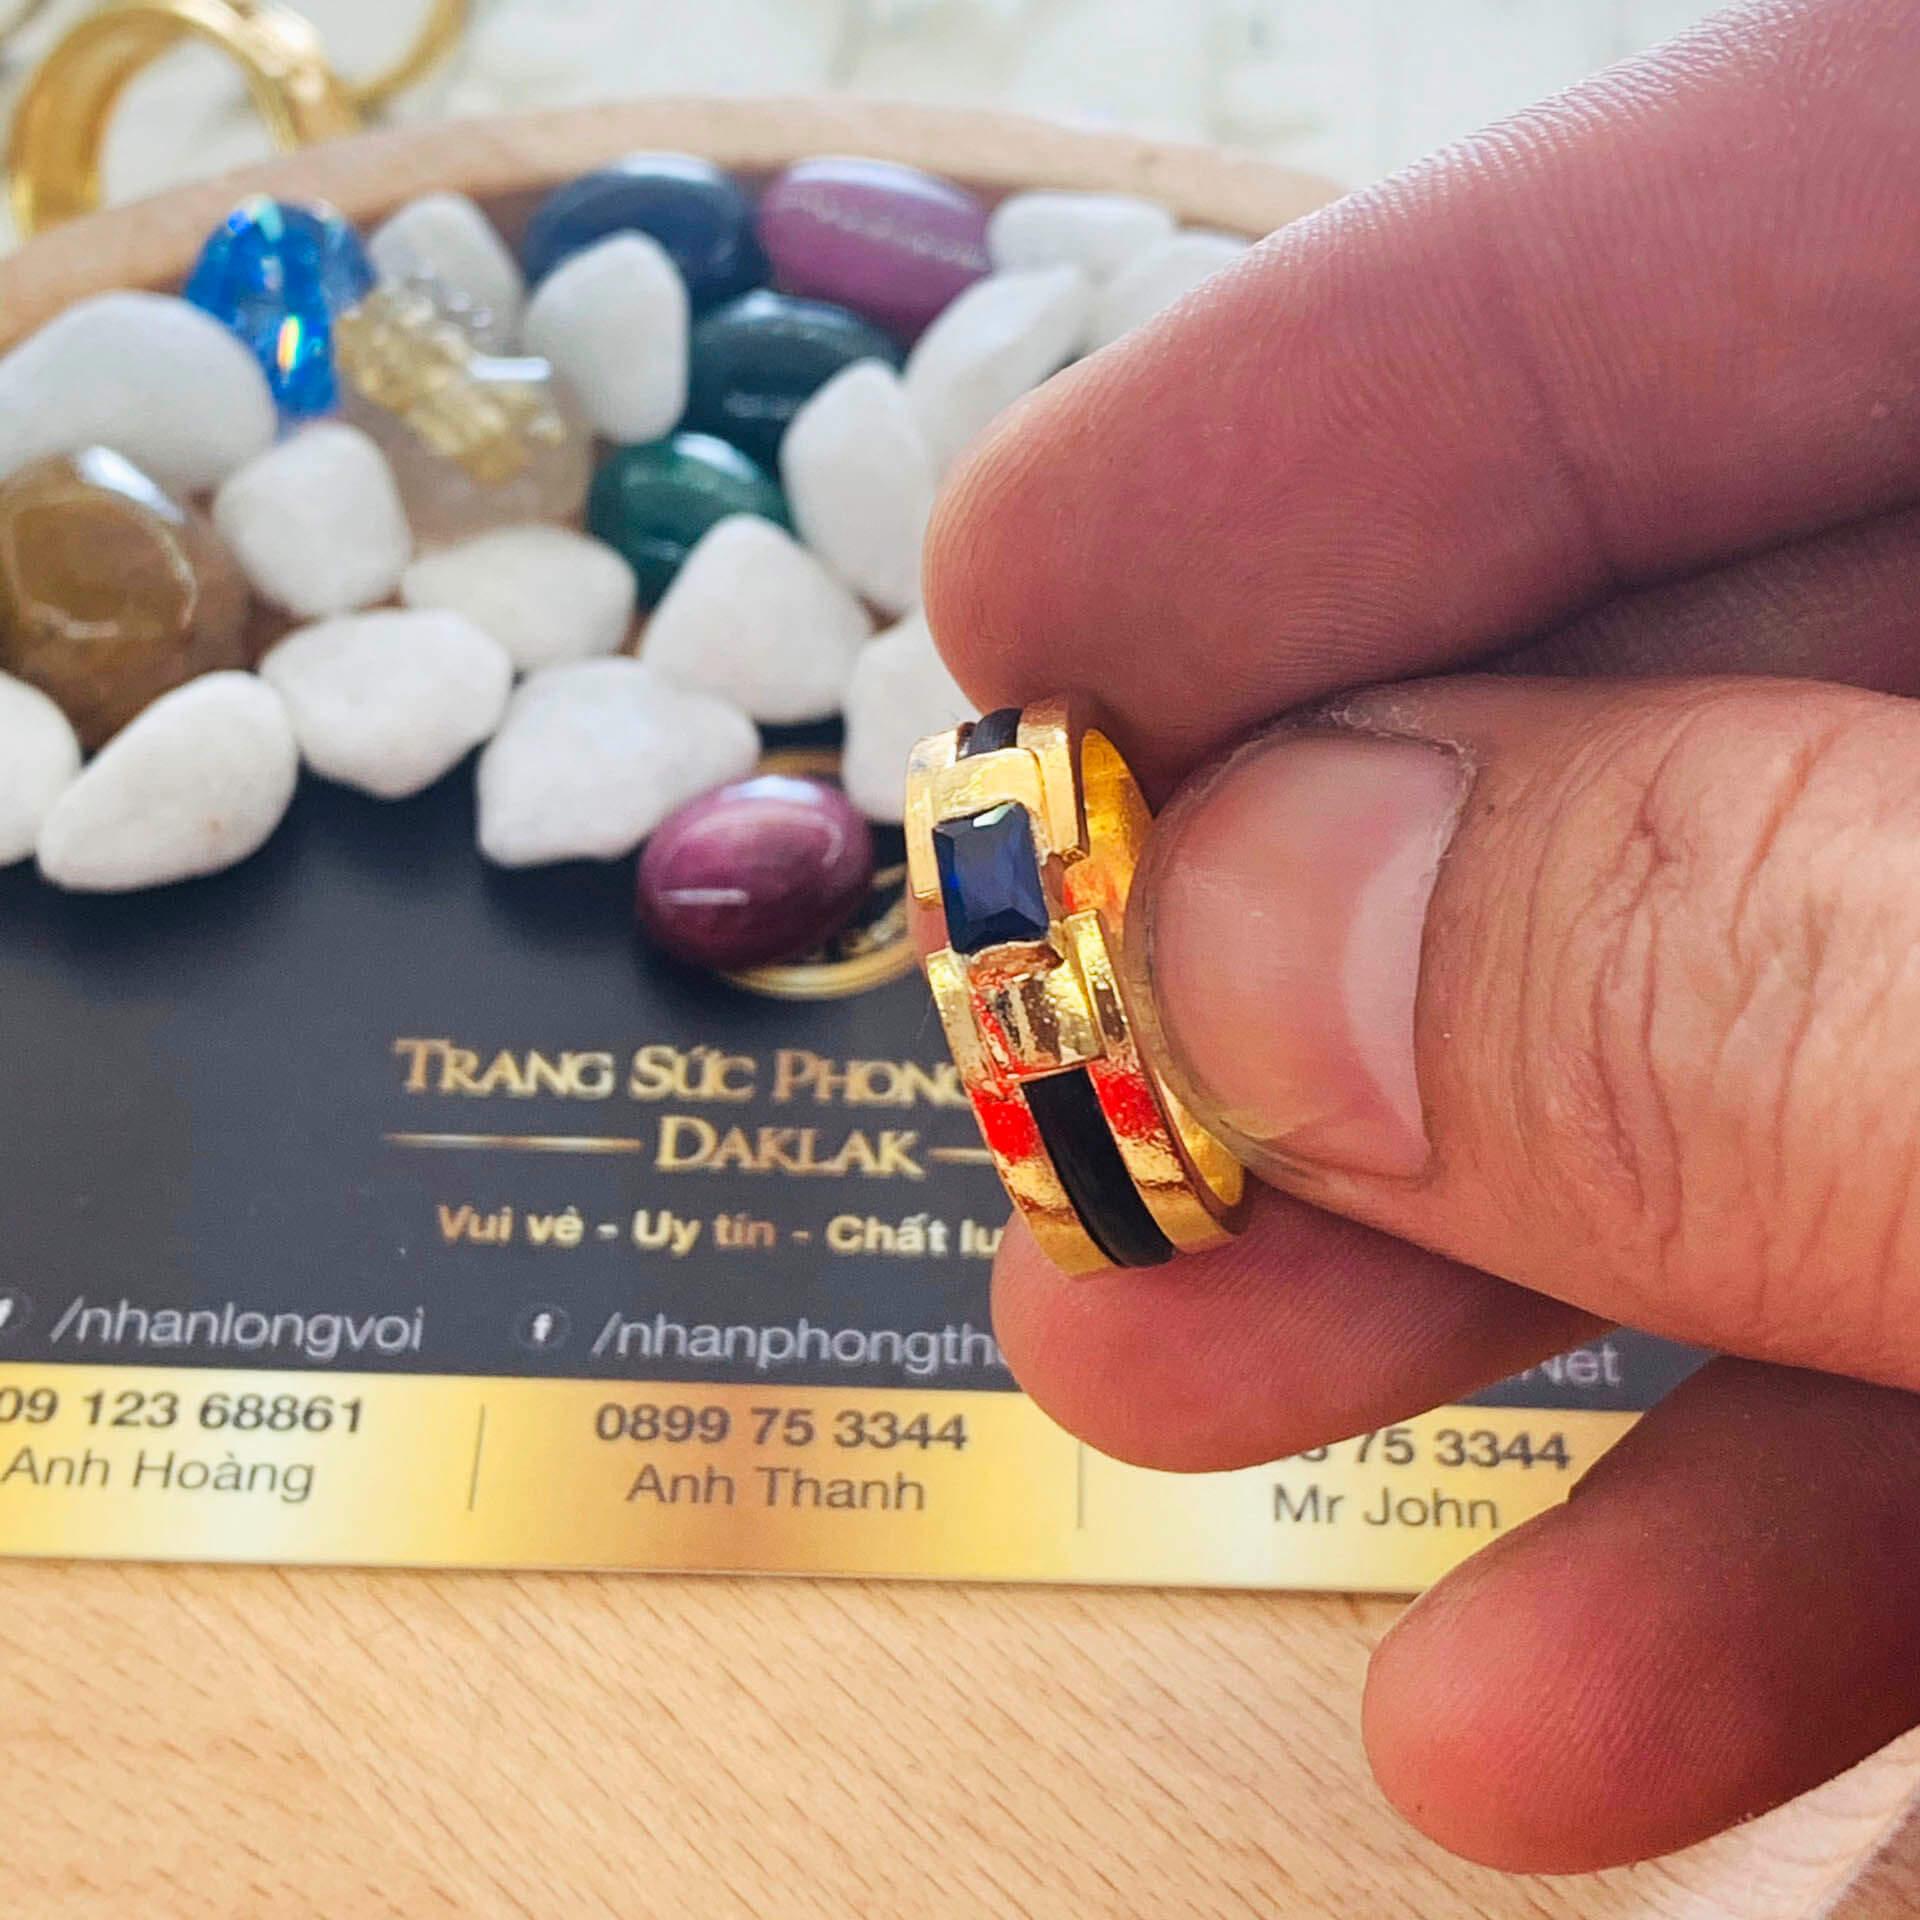 Đeo nhẫn vàng đính đá Hero xanh dương luồng lông voi đem lại hạnh phúc, may mắn, tài lộc cho người mệnh THỦY